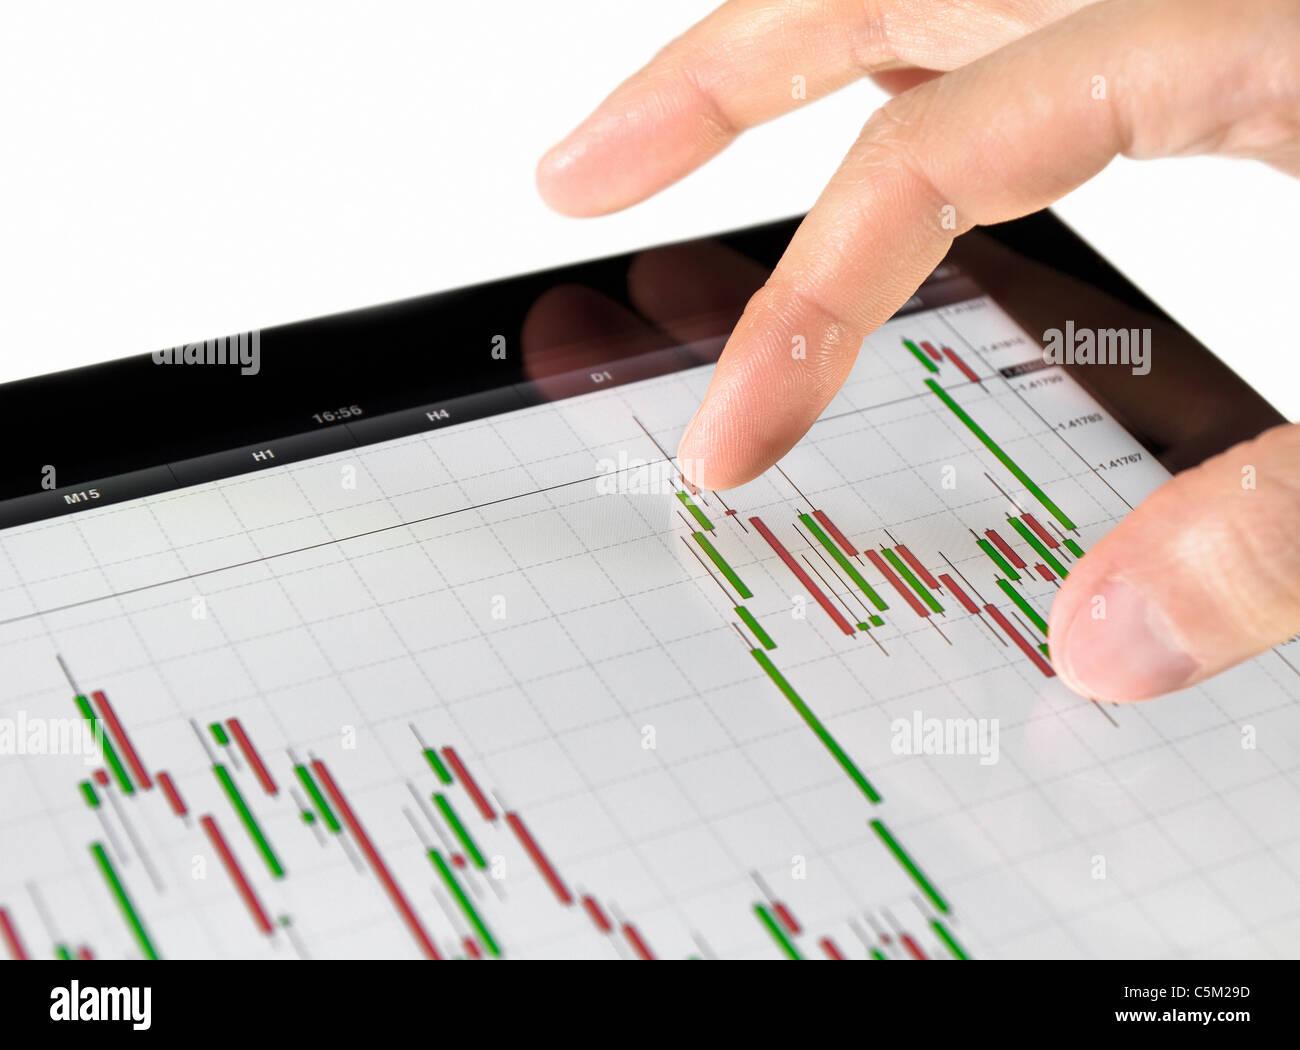 Con la pantalla táctil de Tablet para el análisis gráfico del mercado bursátil. Imagen De Stock